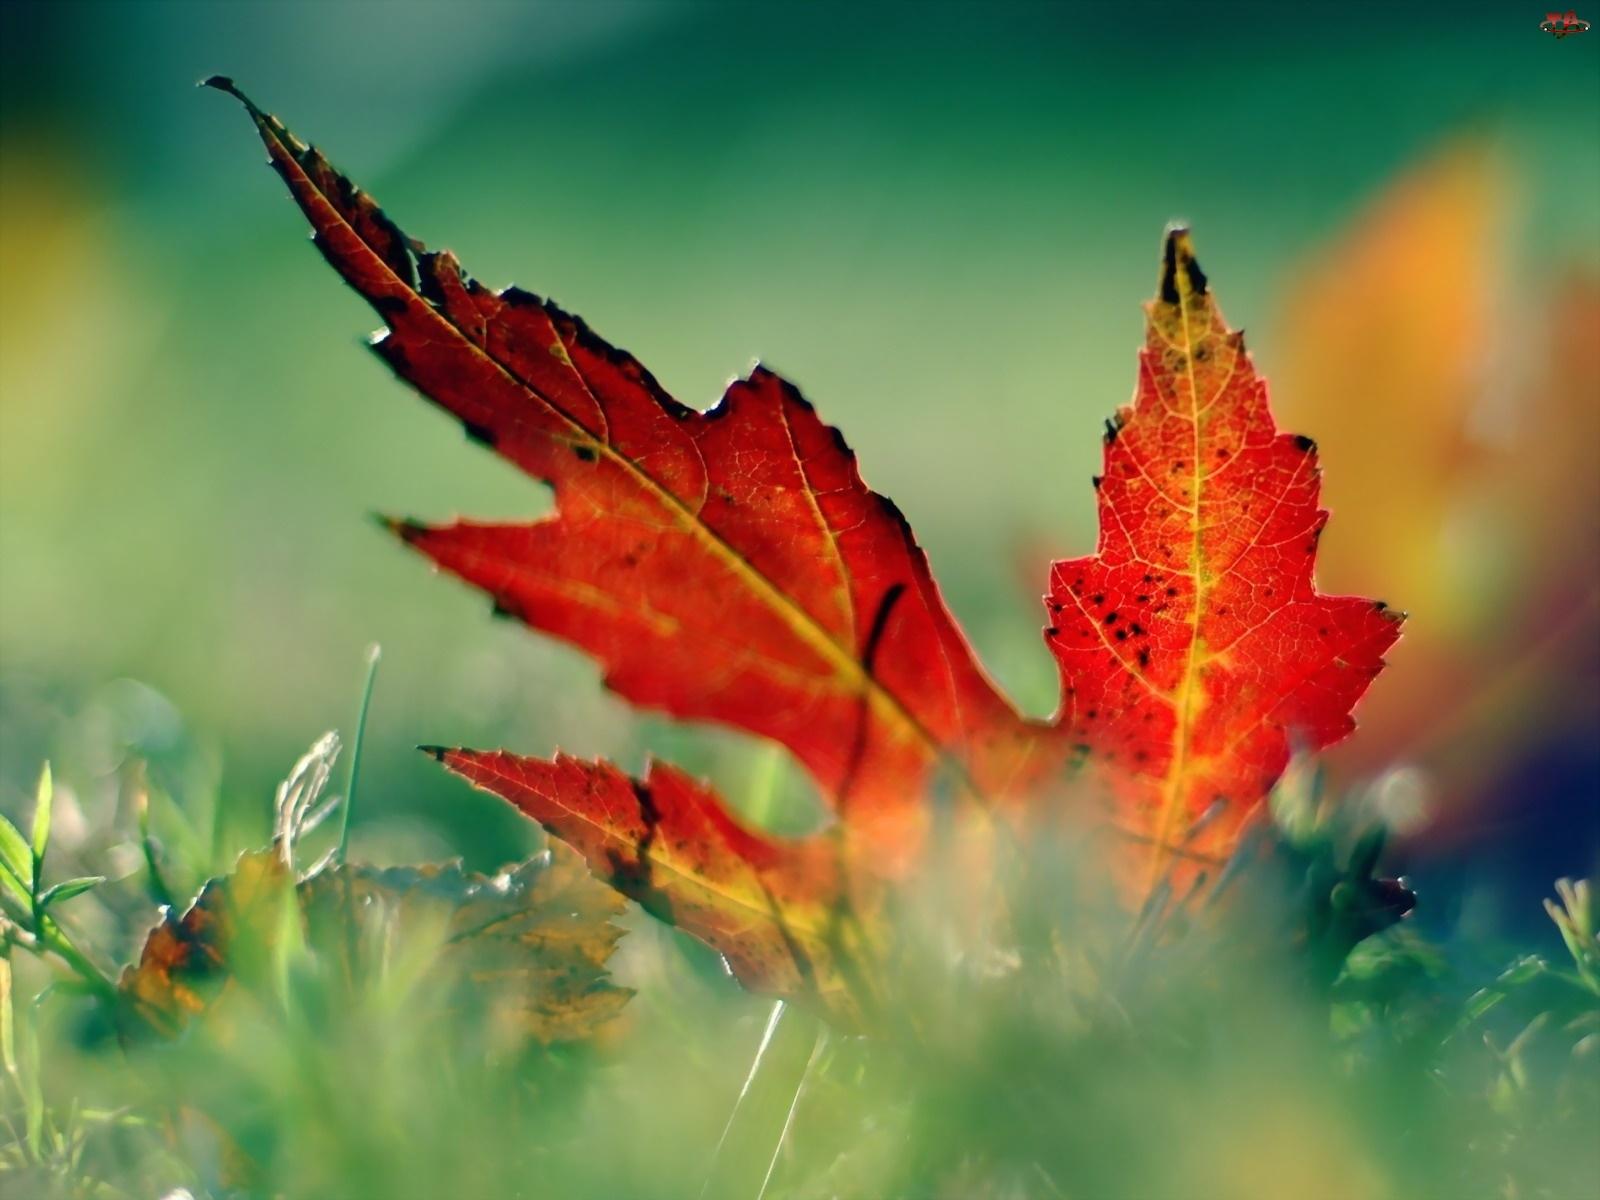 Liść, Uschły, Jesienny